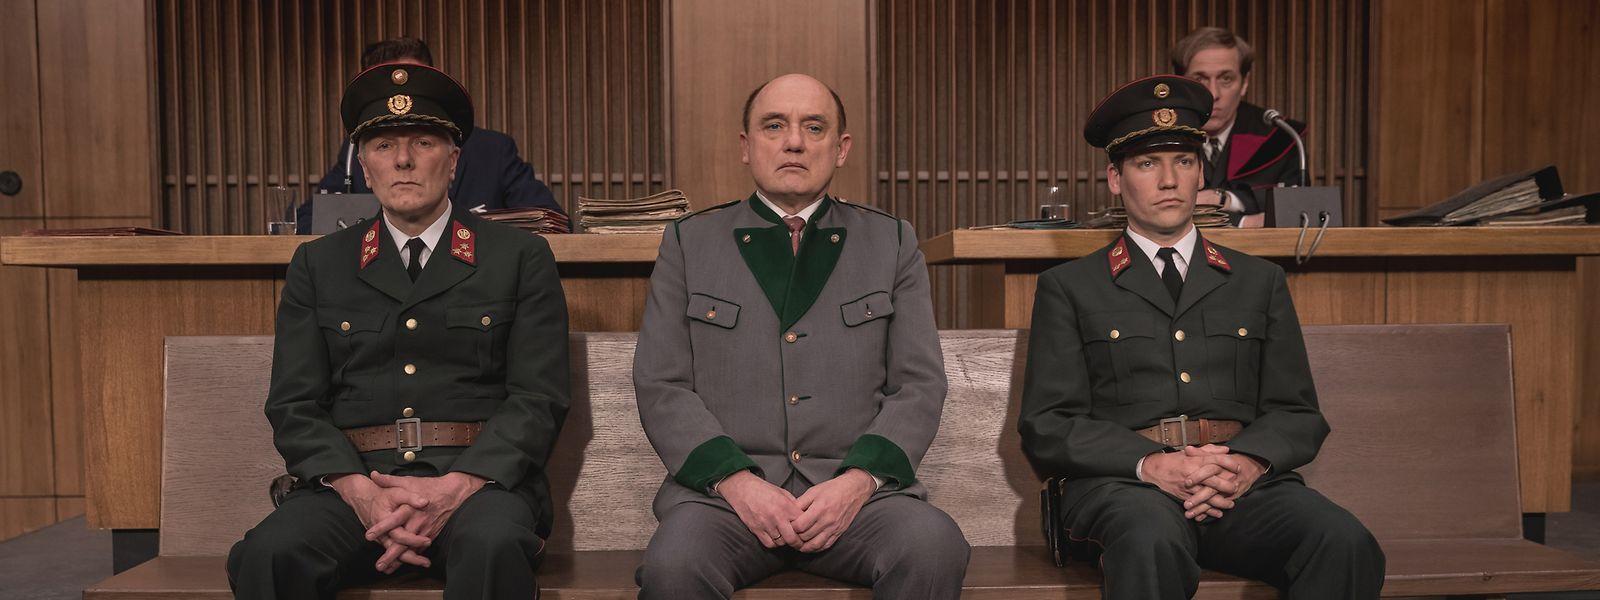 """Der Prozess um Franz Murer (im Film gespielt von Karl Fischer, Mitte) zählt zu den größten Justizskandalen in Österreich. Das Gerichtsdrama """"Murer - Anatomie eines Prozesses"""" spürt dem Fall nach."""